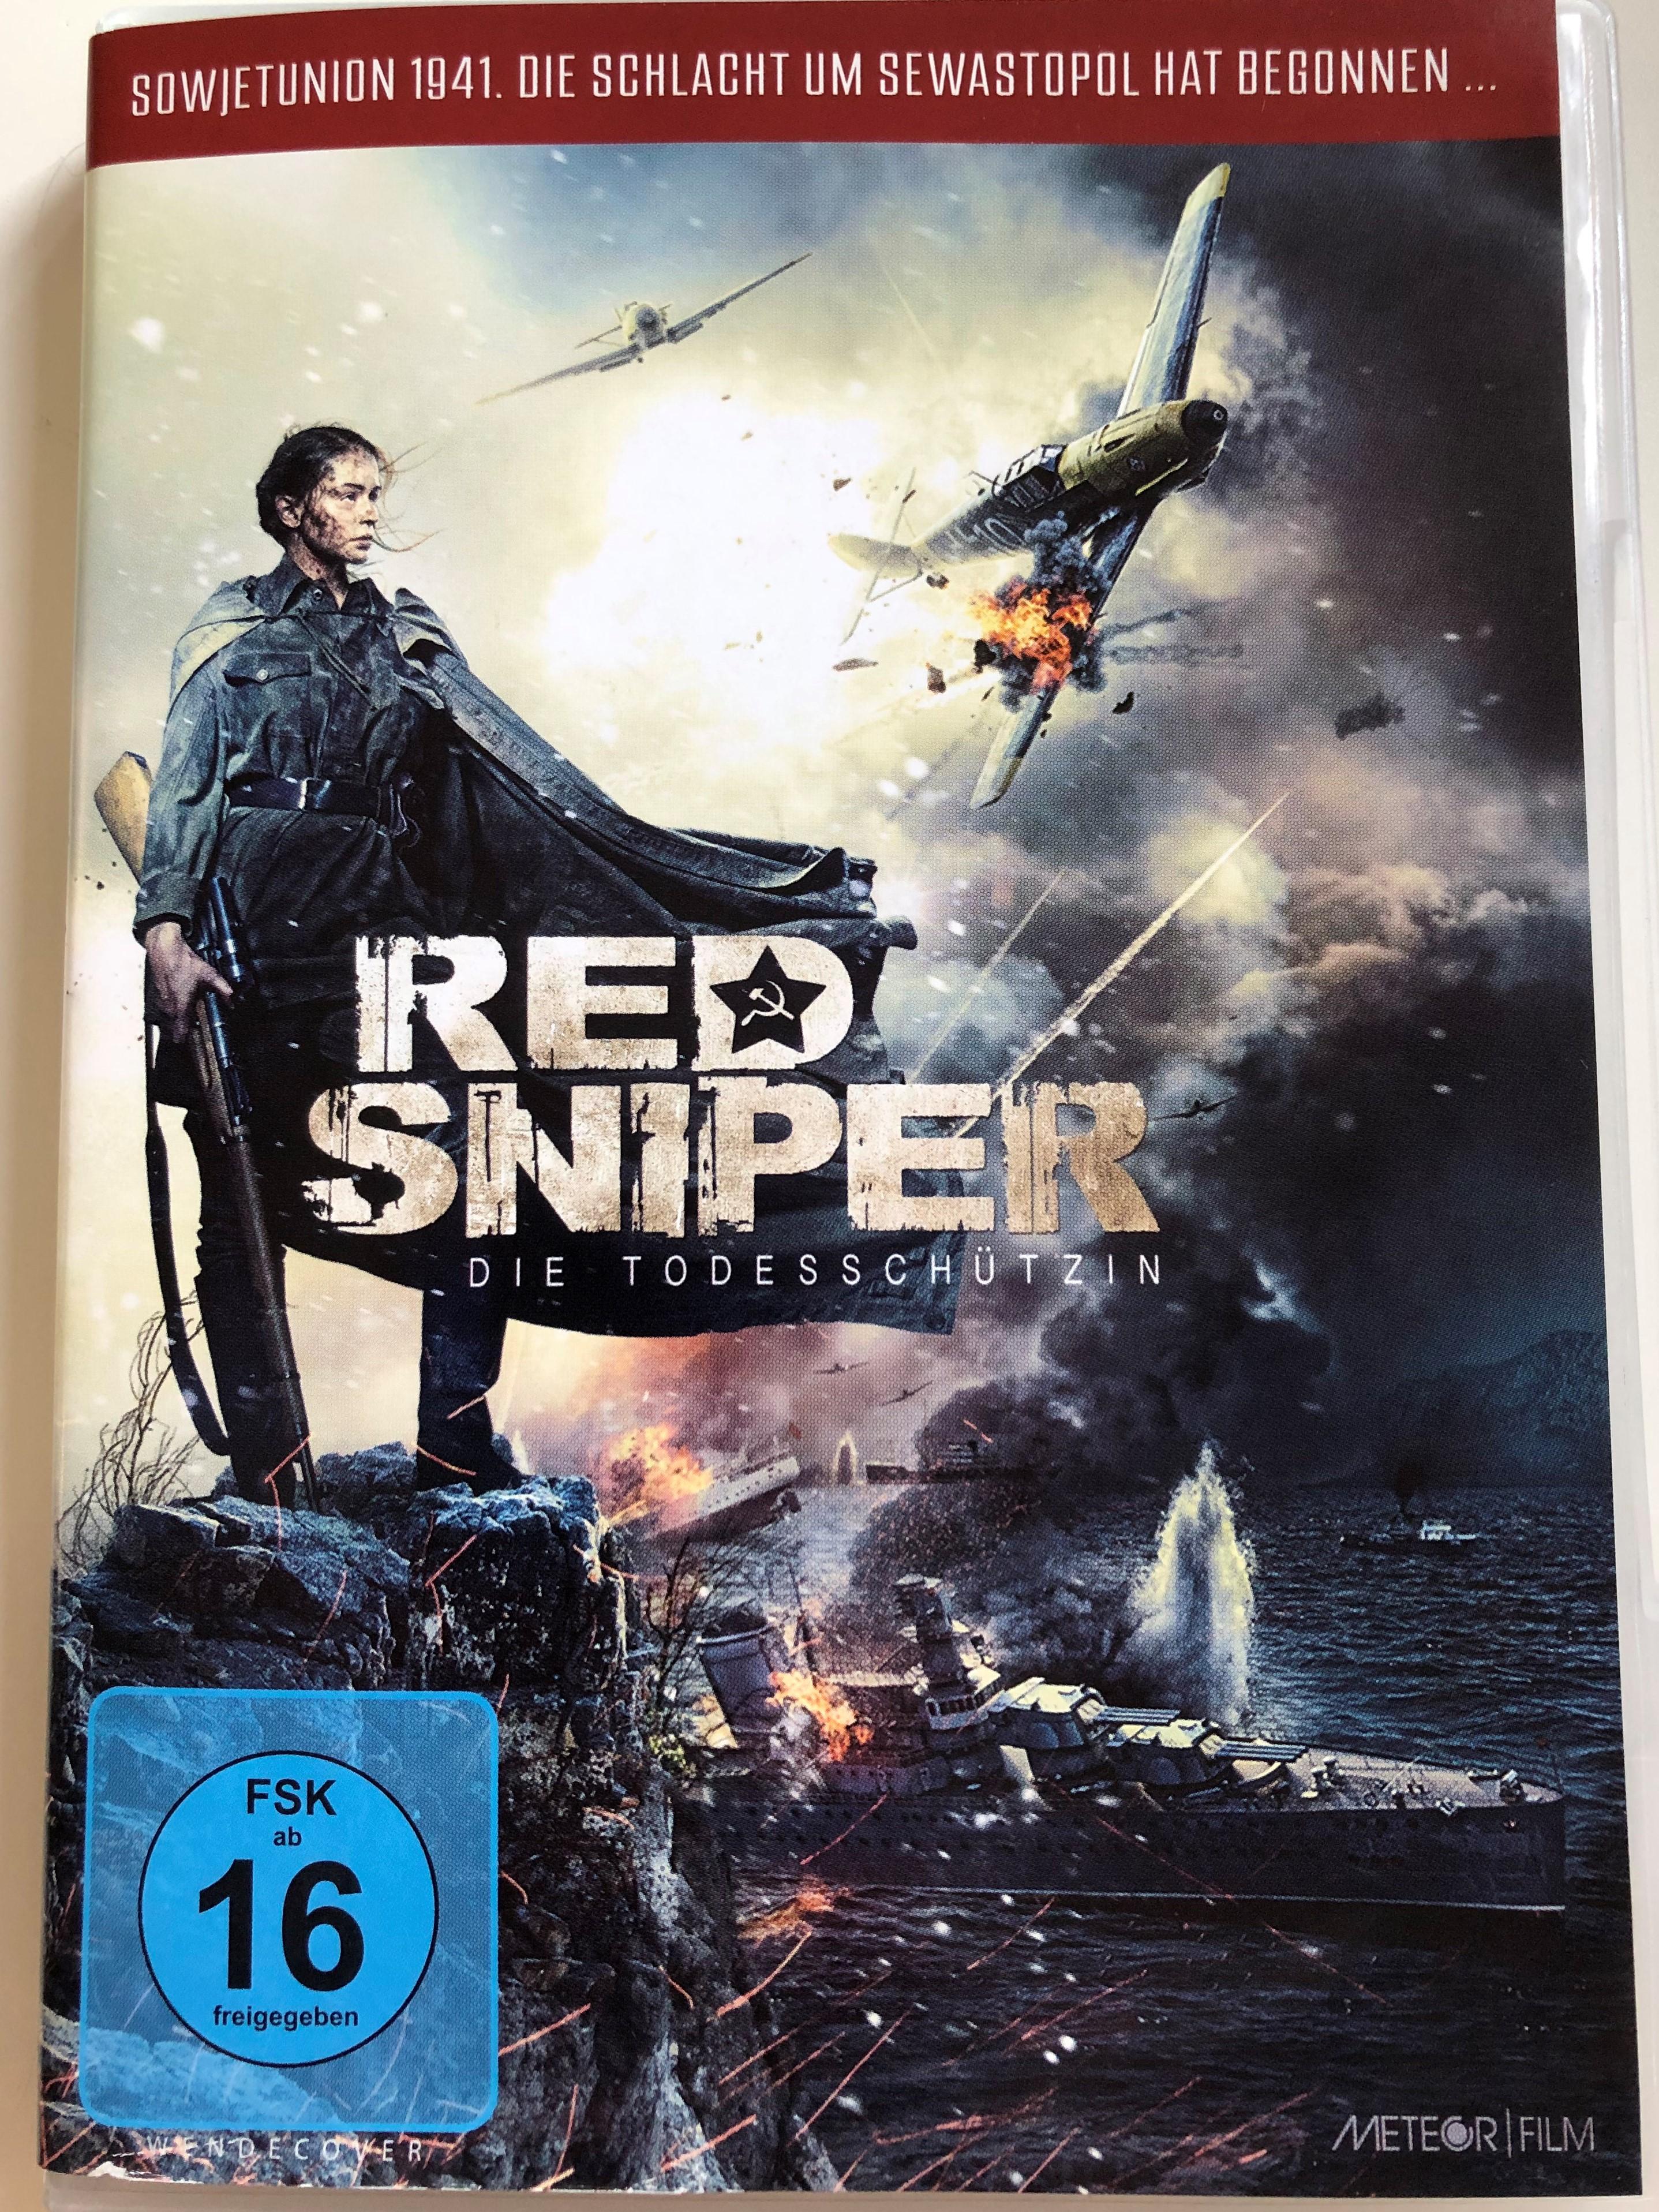 red-sniper-dvd-die-todessch-tzin-sowjetunion-1941-1.jpg